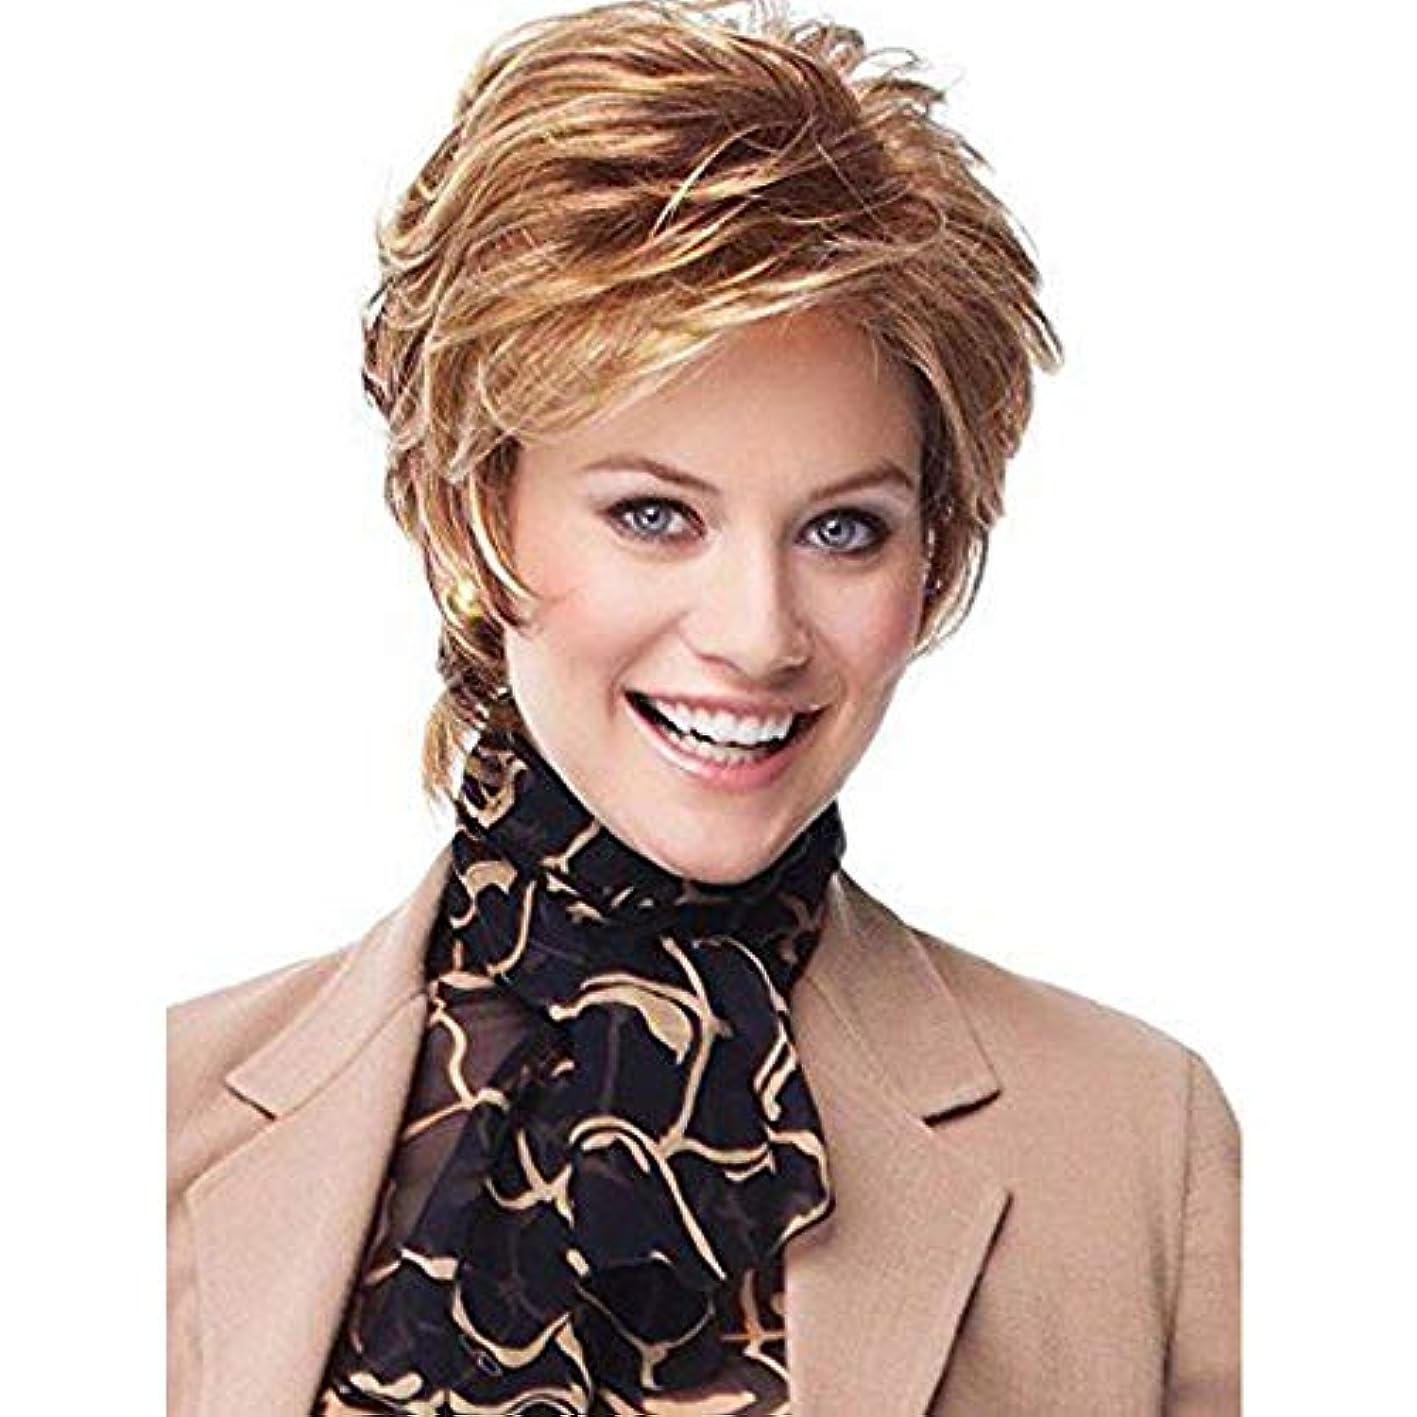 ユダヤ人学部長再現するWASAIO 女性コスプレパーティーデイリーユースショートカーリーウィッグ魅力的なレディボブウィッグキャップ付き (色 : Blonde)